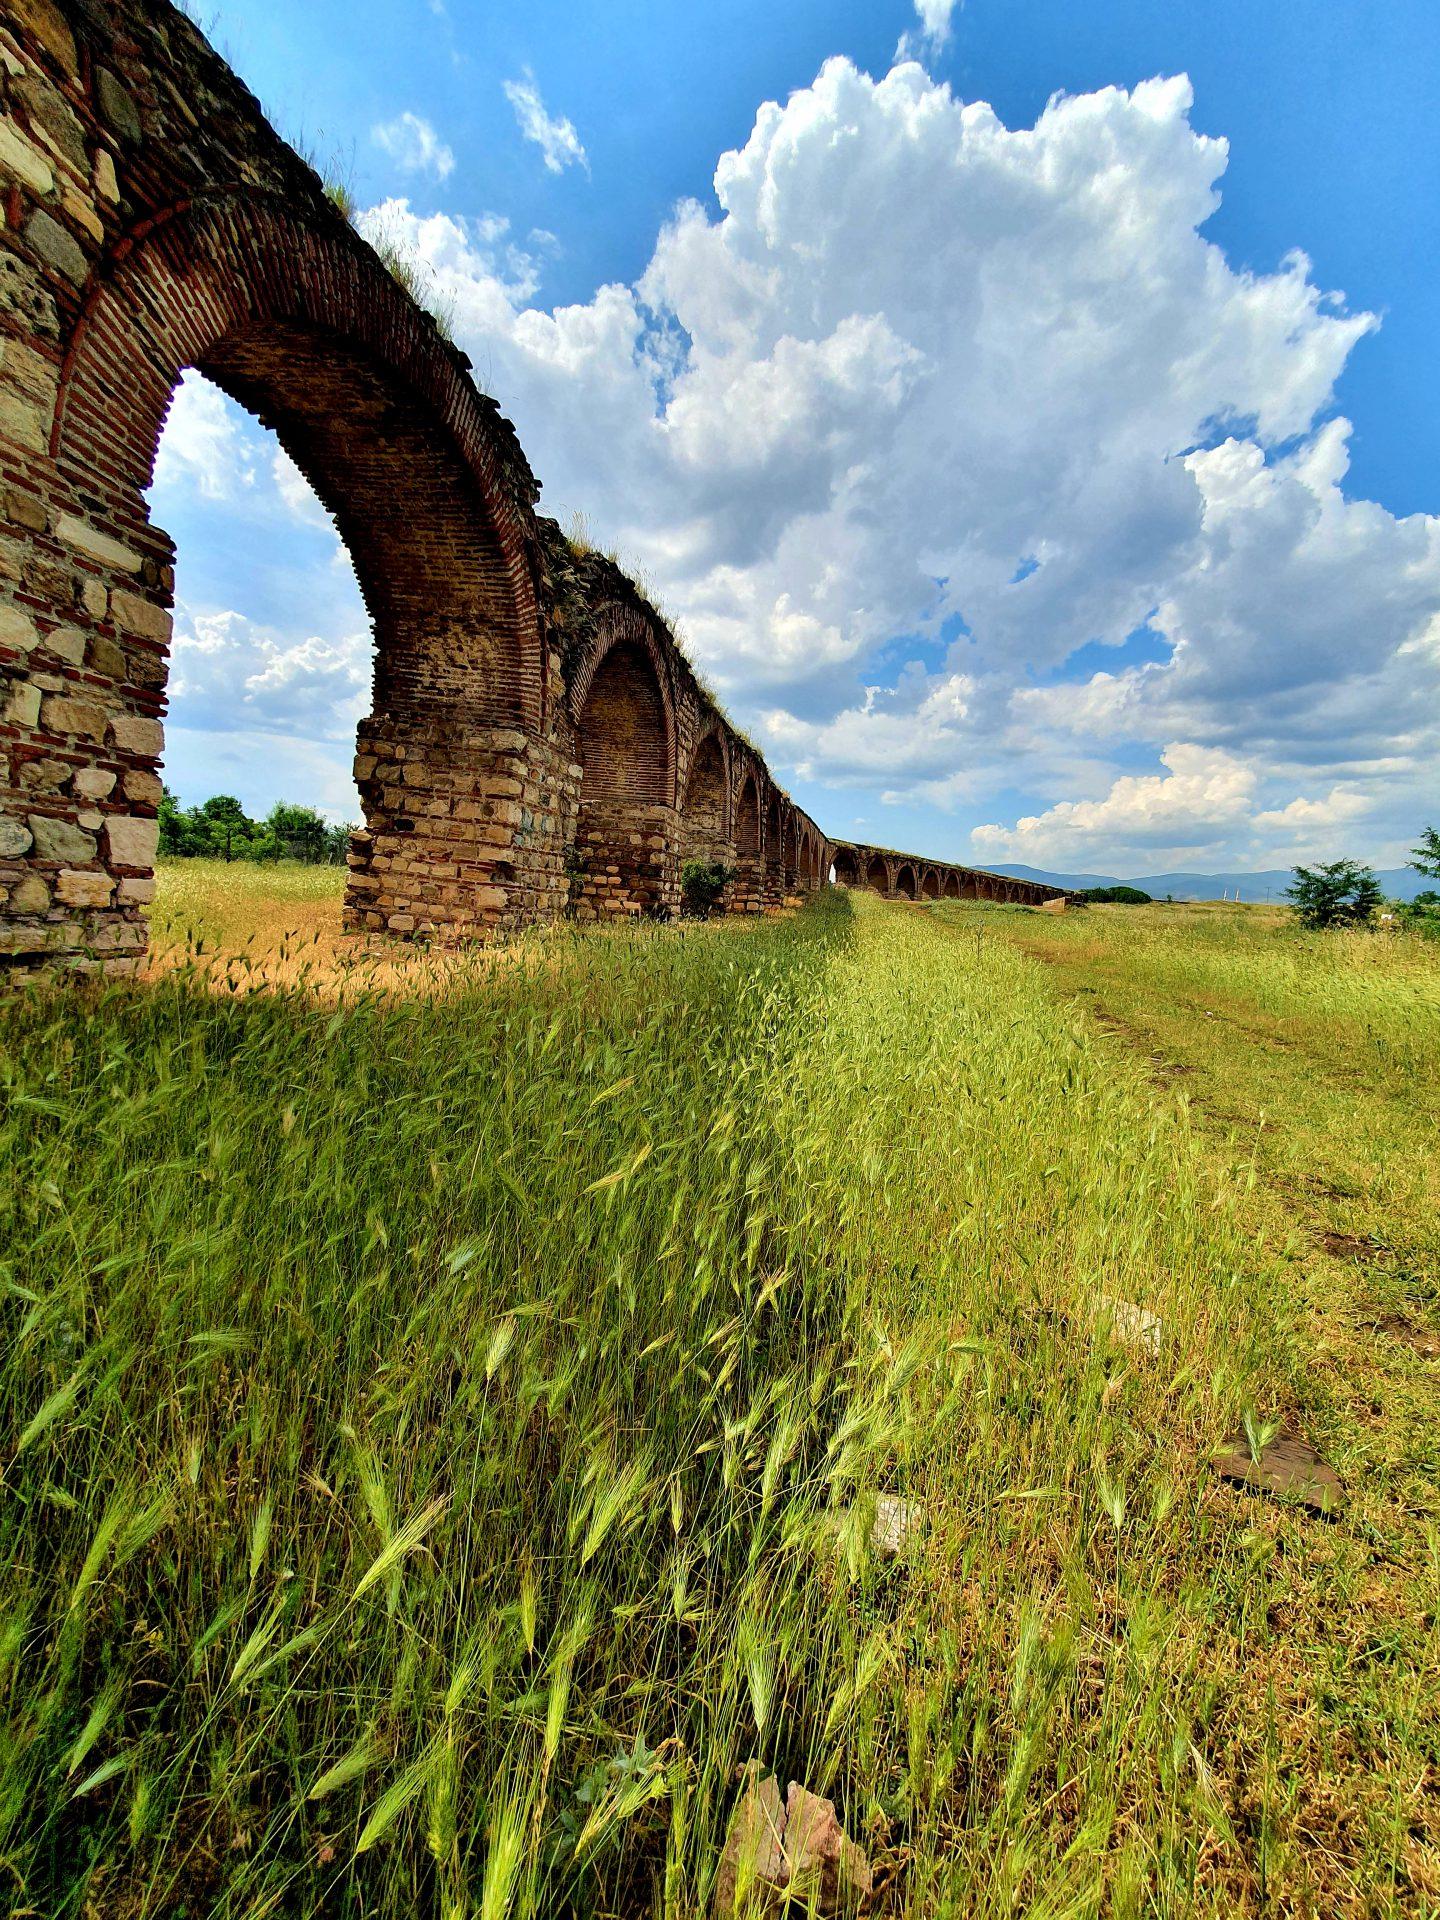 Aquädukt Skopje Anreise Reise Nordmazedonien Urlaub